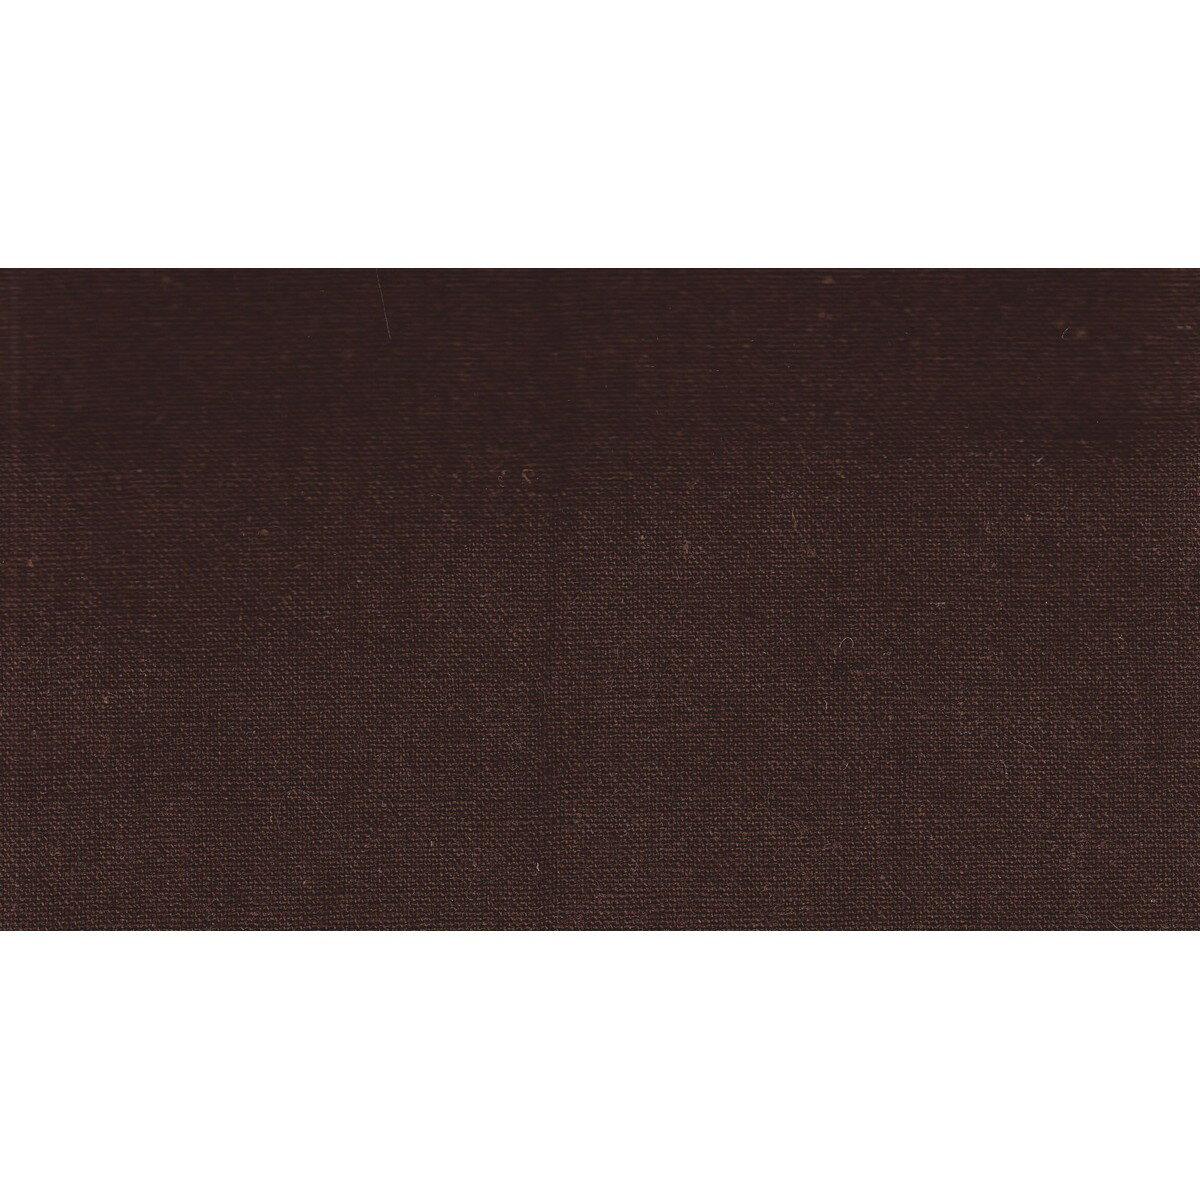 菱)綿麻キャンバス(麻55%) 無地 巾110cm 原反 こげ茶/HCL6000R-C【01】【取寄】[12m]《 手芸用品 生地・芯地 キャンバス・ガーゼ 》